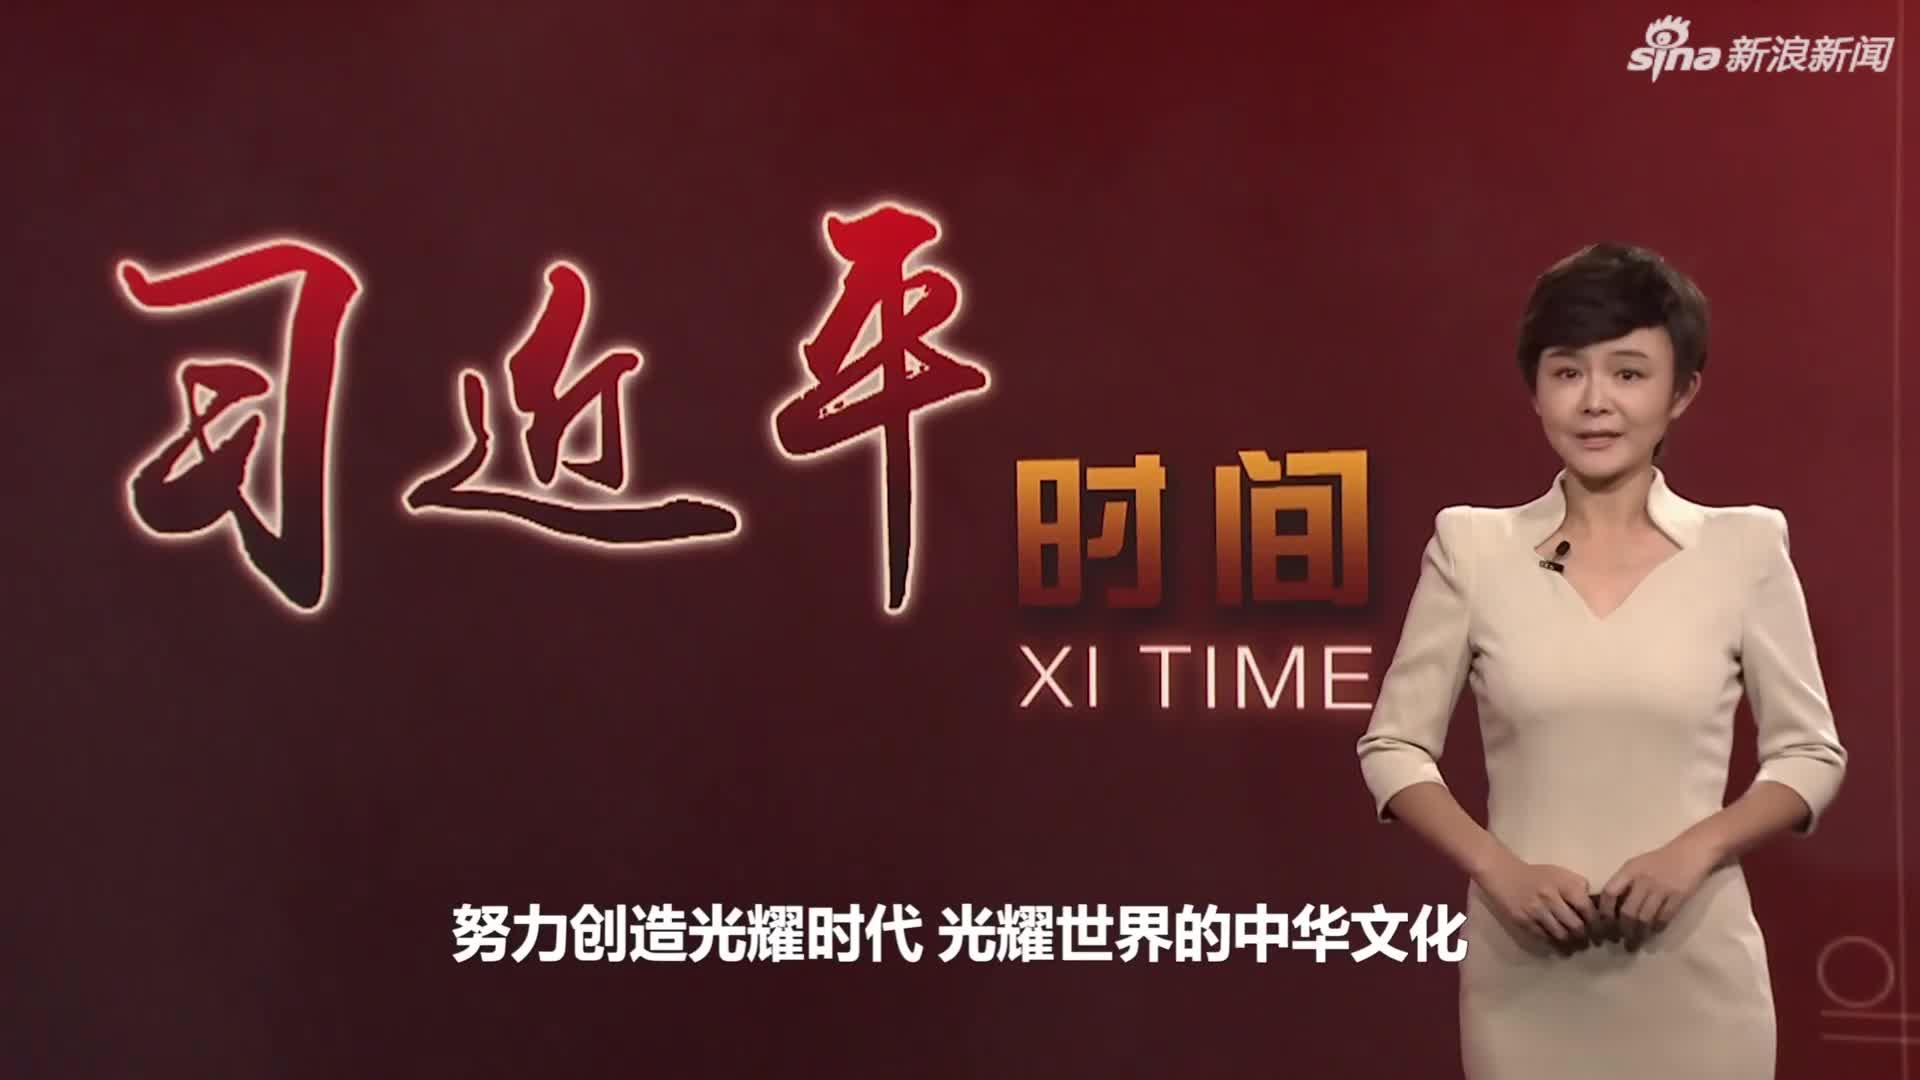 视频:努力创造光耀时代 光耀世界的中华文化